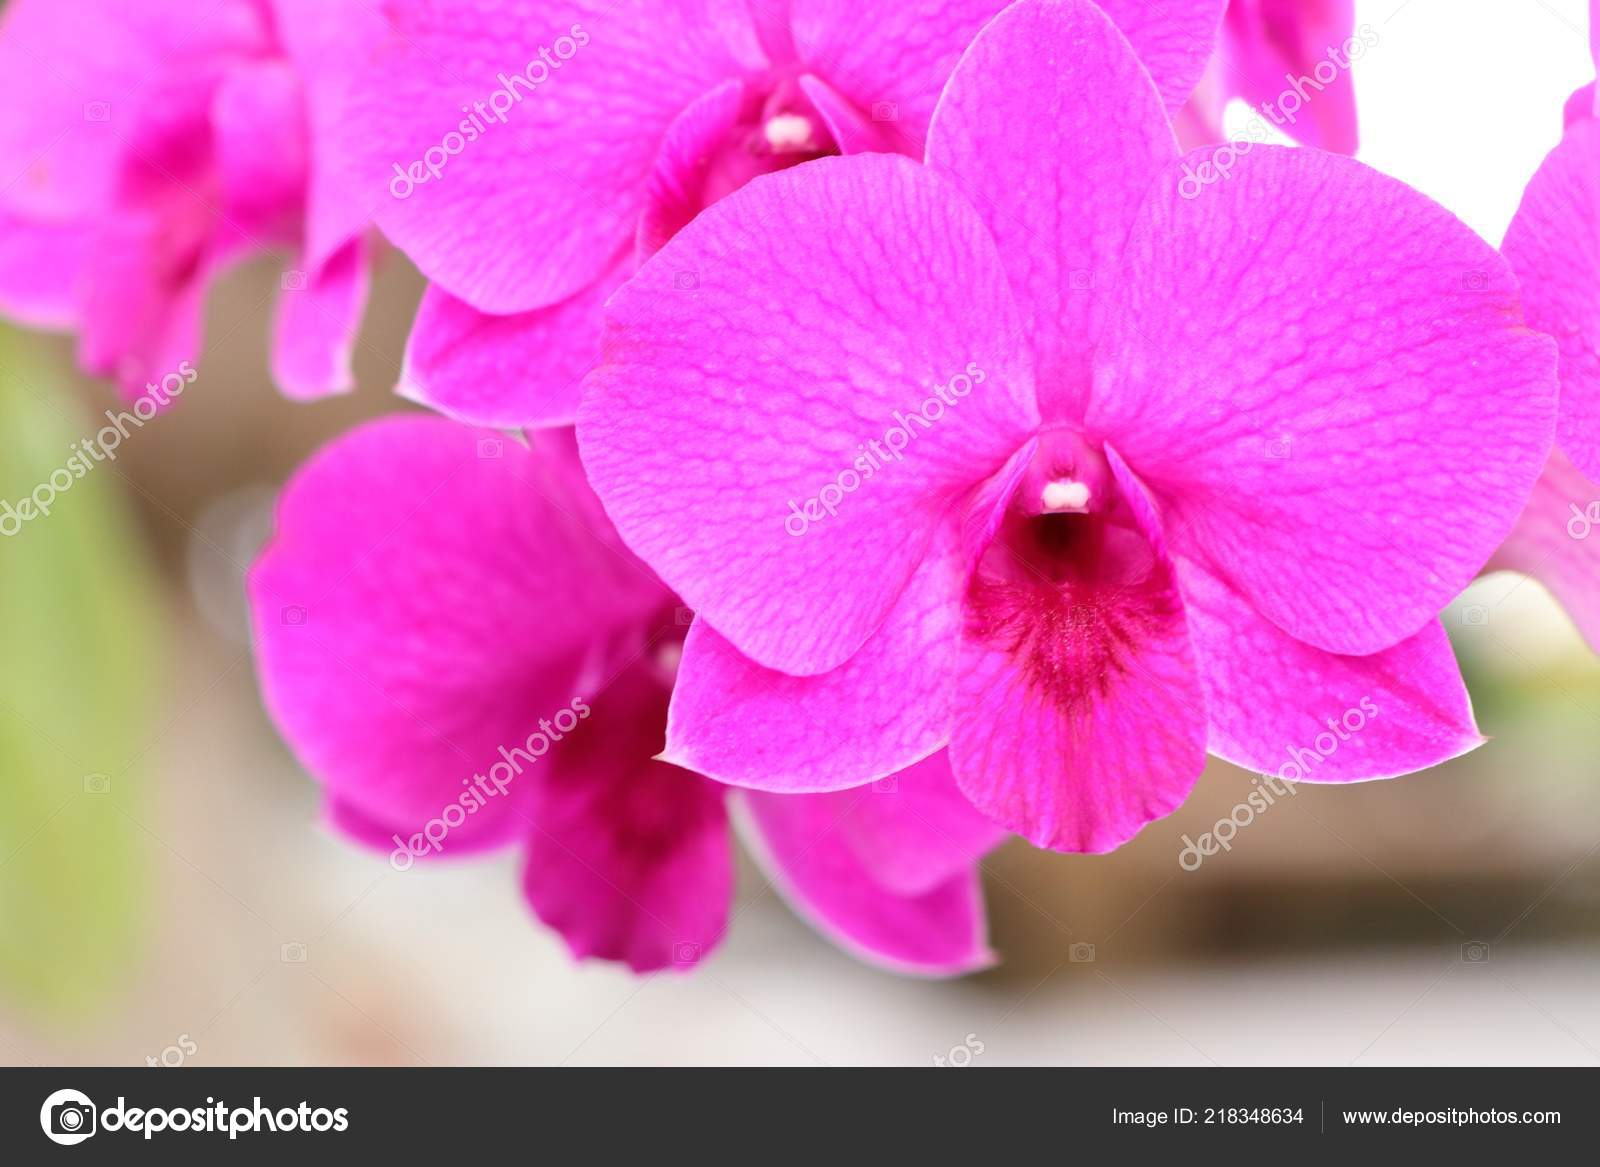 Fleur Orchidee Rose Tropical Photographie Oilslo C 218348634